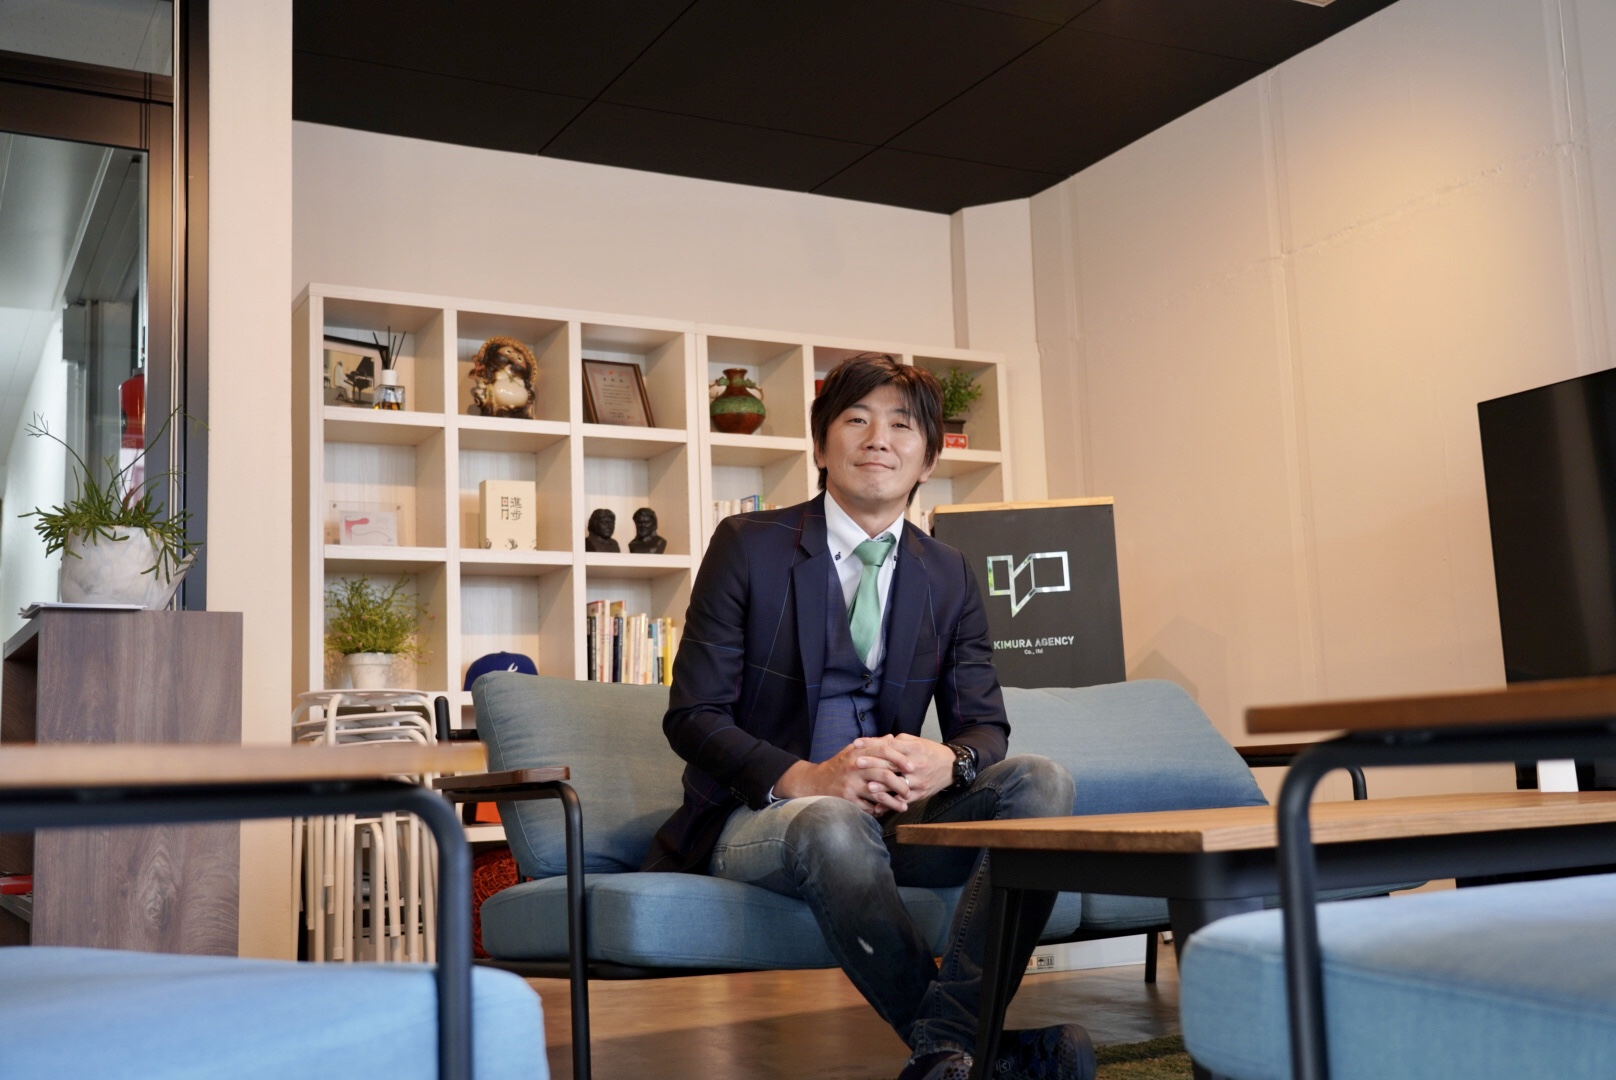 札幌と東京、800キロも離れたオフィスを1つに いつも隣に座っている感覚でいられる「meet in」木村エージェンシーの導入事例